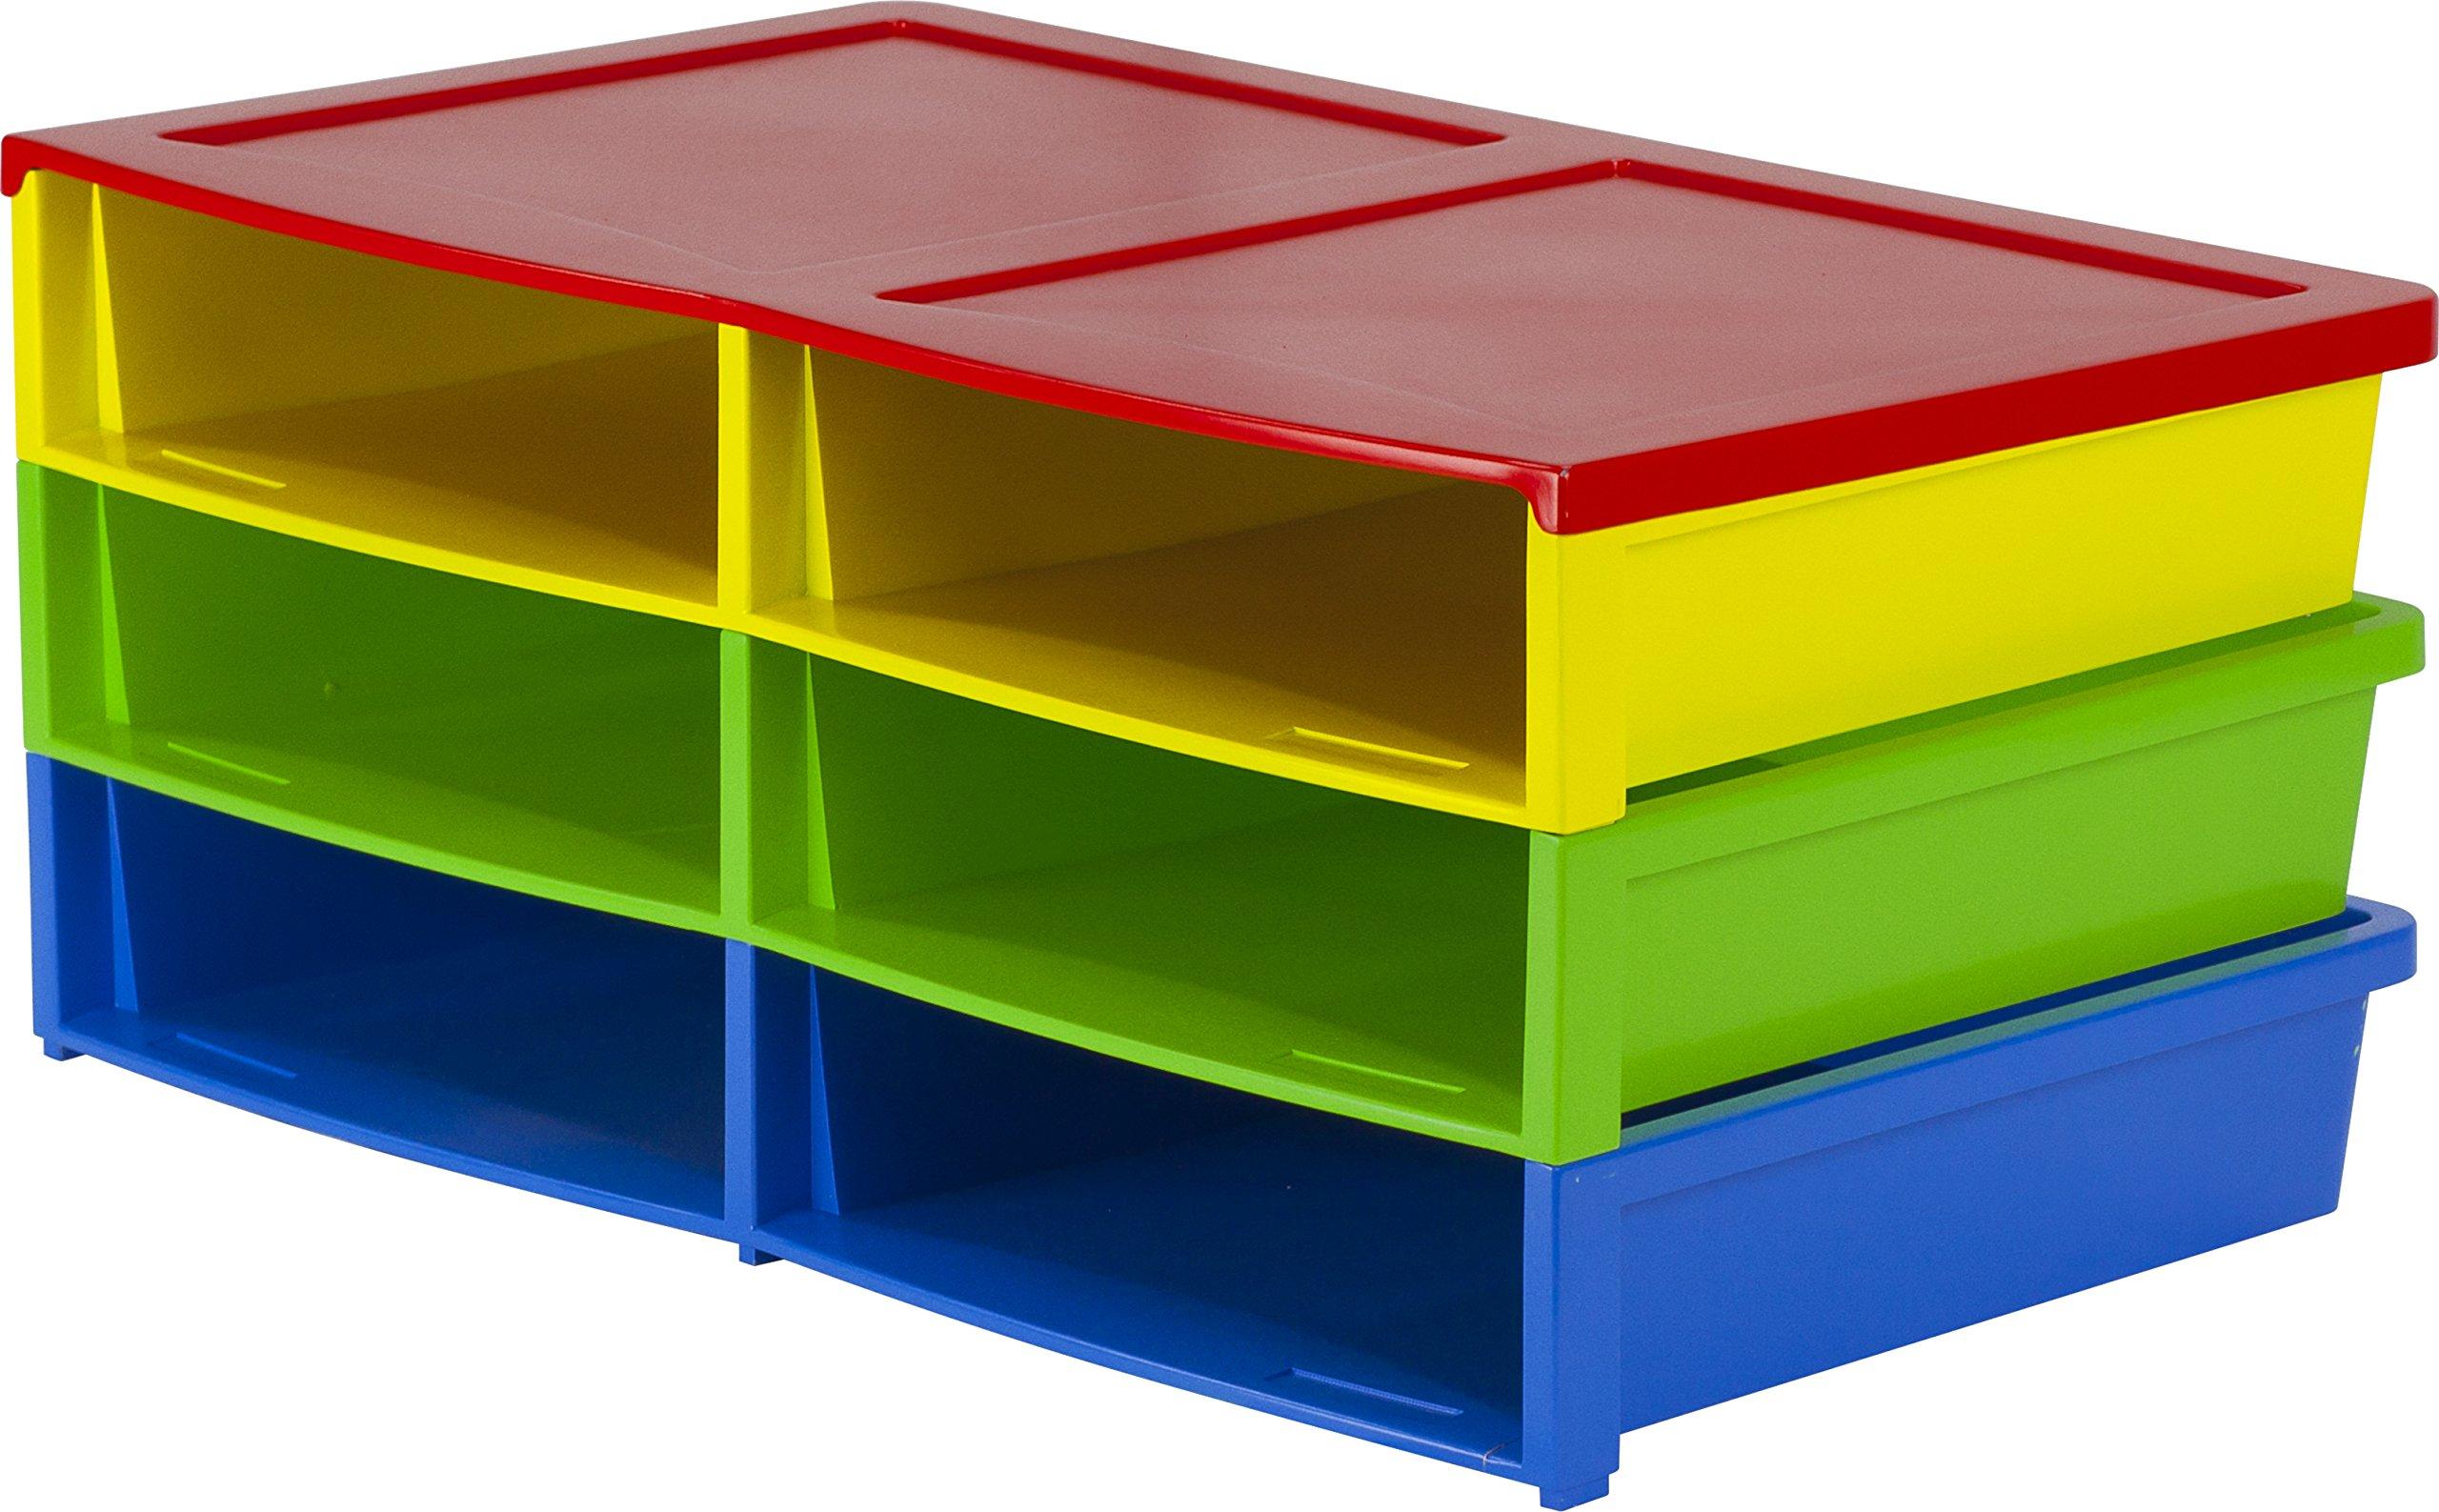 Storex Quick Stack Literature Organizer, 6 Compartments, 20.5 x 13.6 x 8.7'', Multicolored (61656E01C)